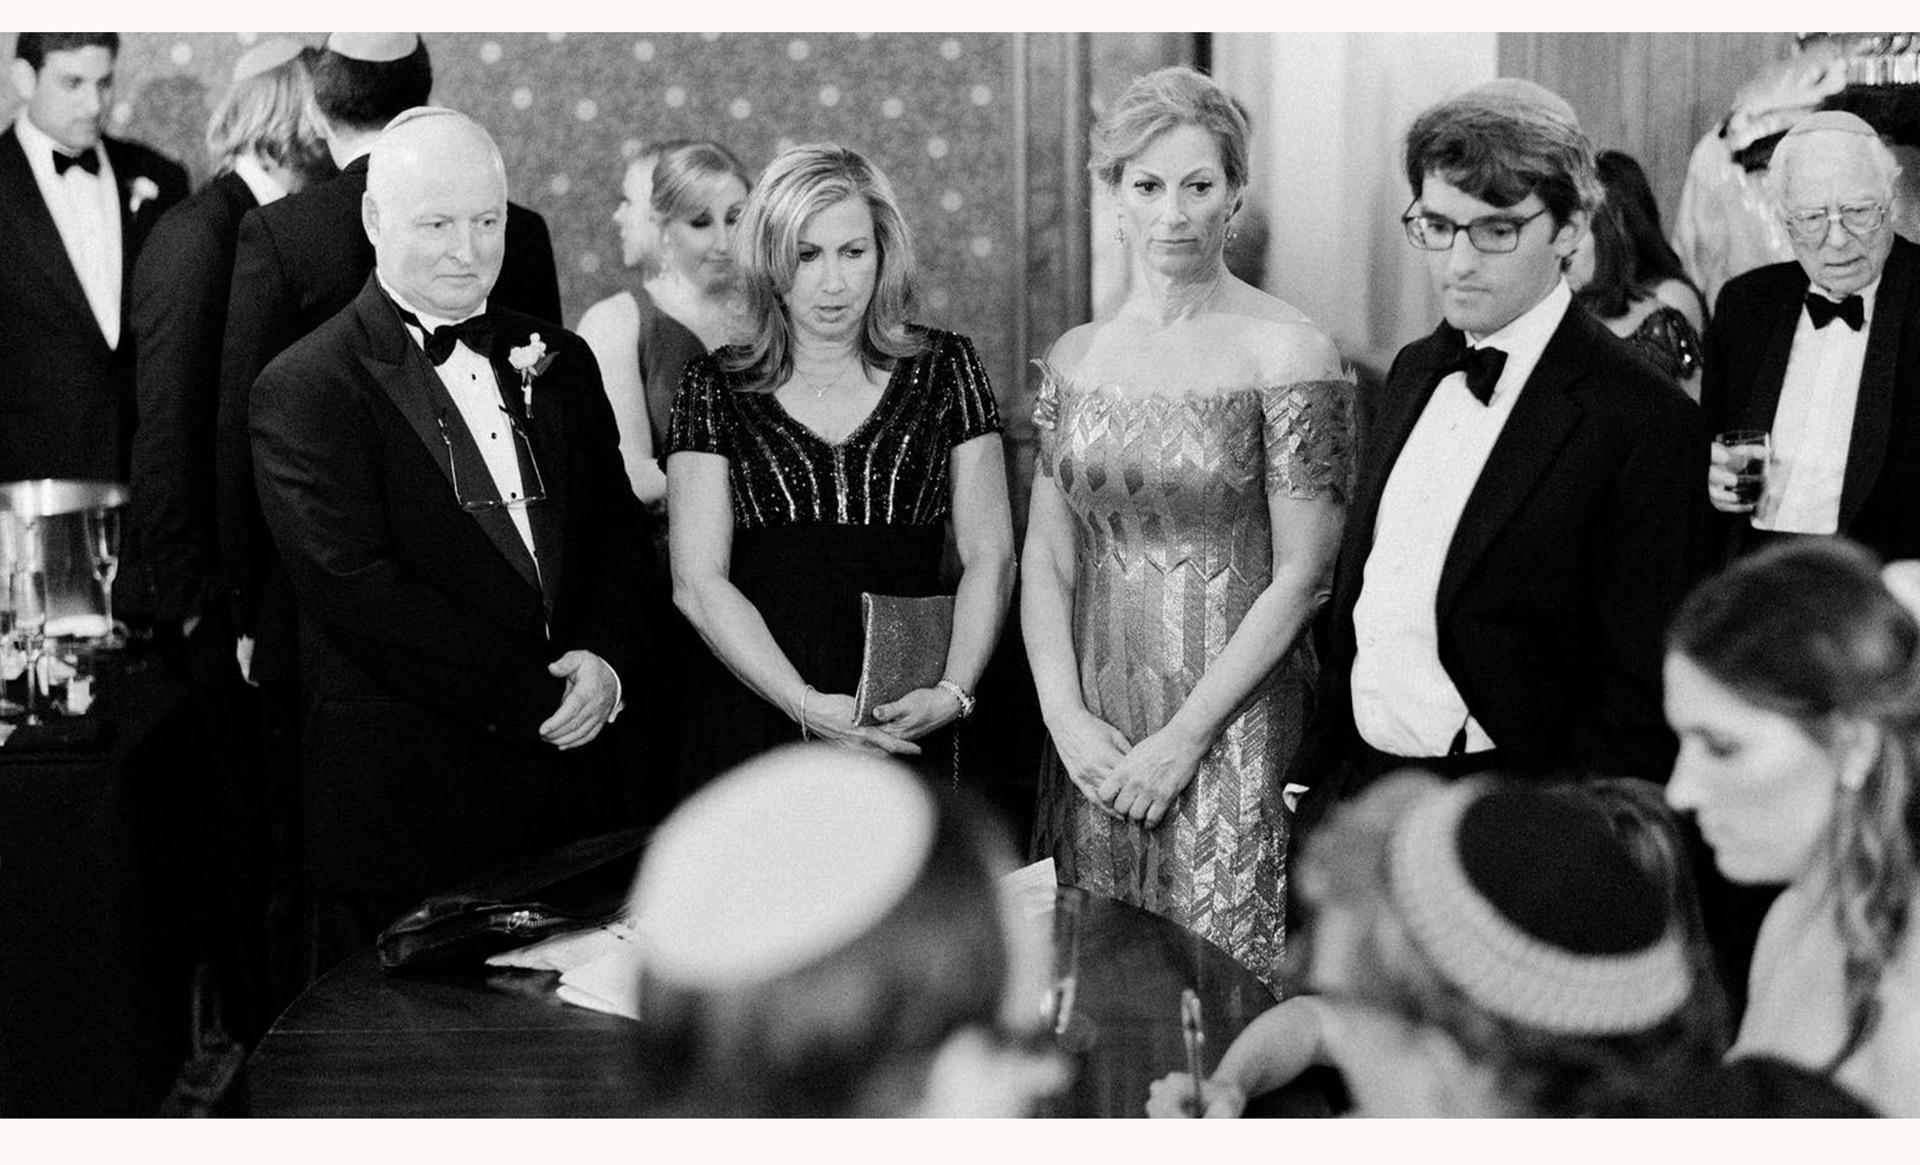 15 weylin weddding photographer - WEYLIN WEDDING IN WILLIAMSBURG - BROOKLYN, NY